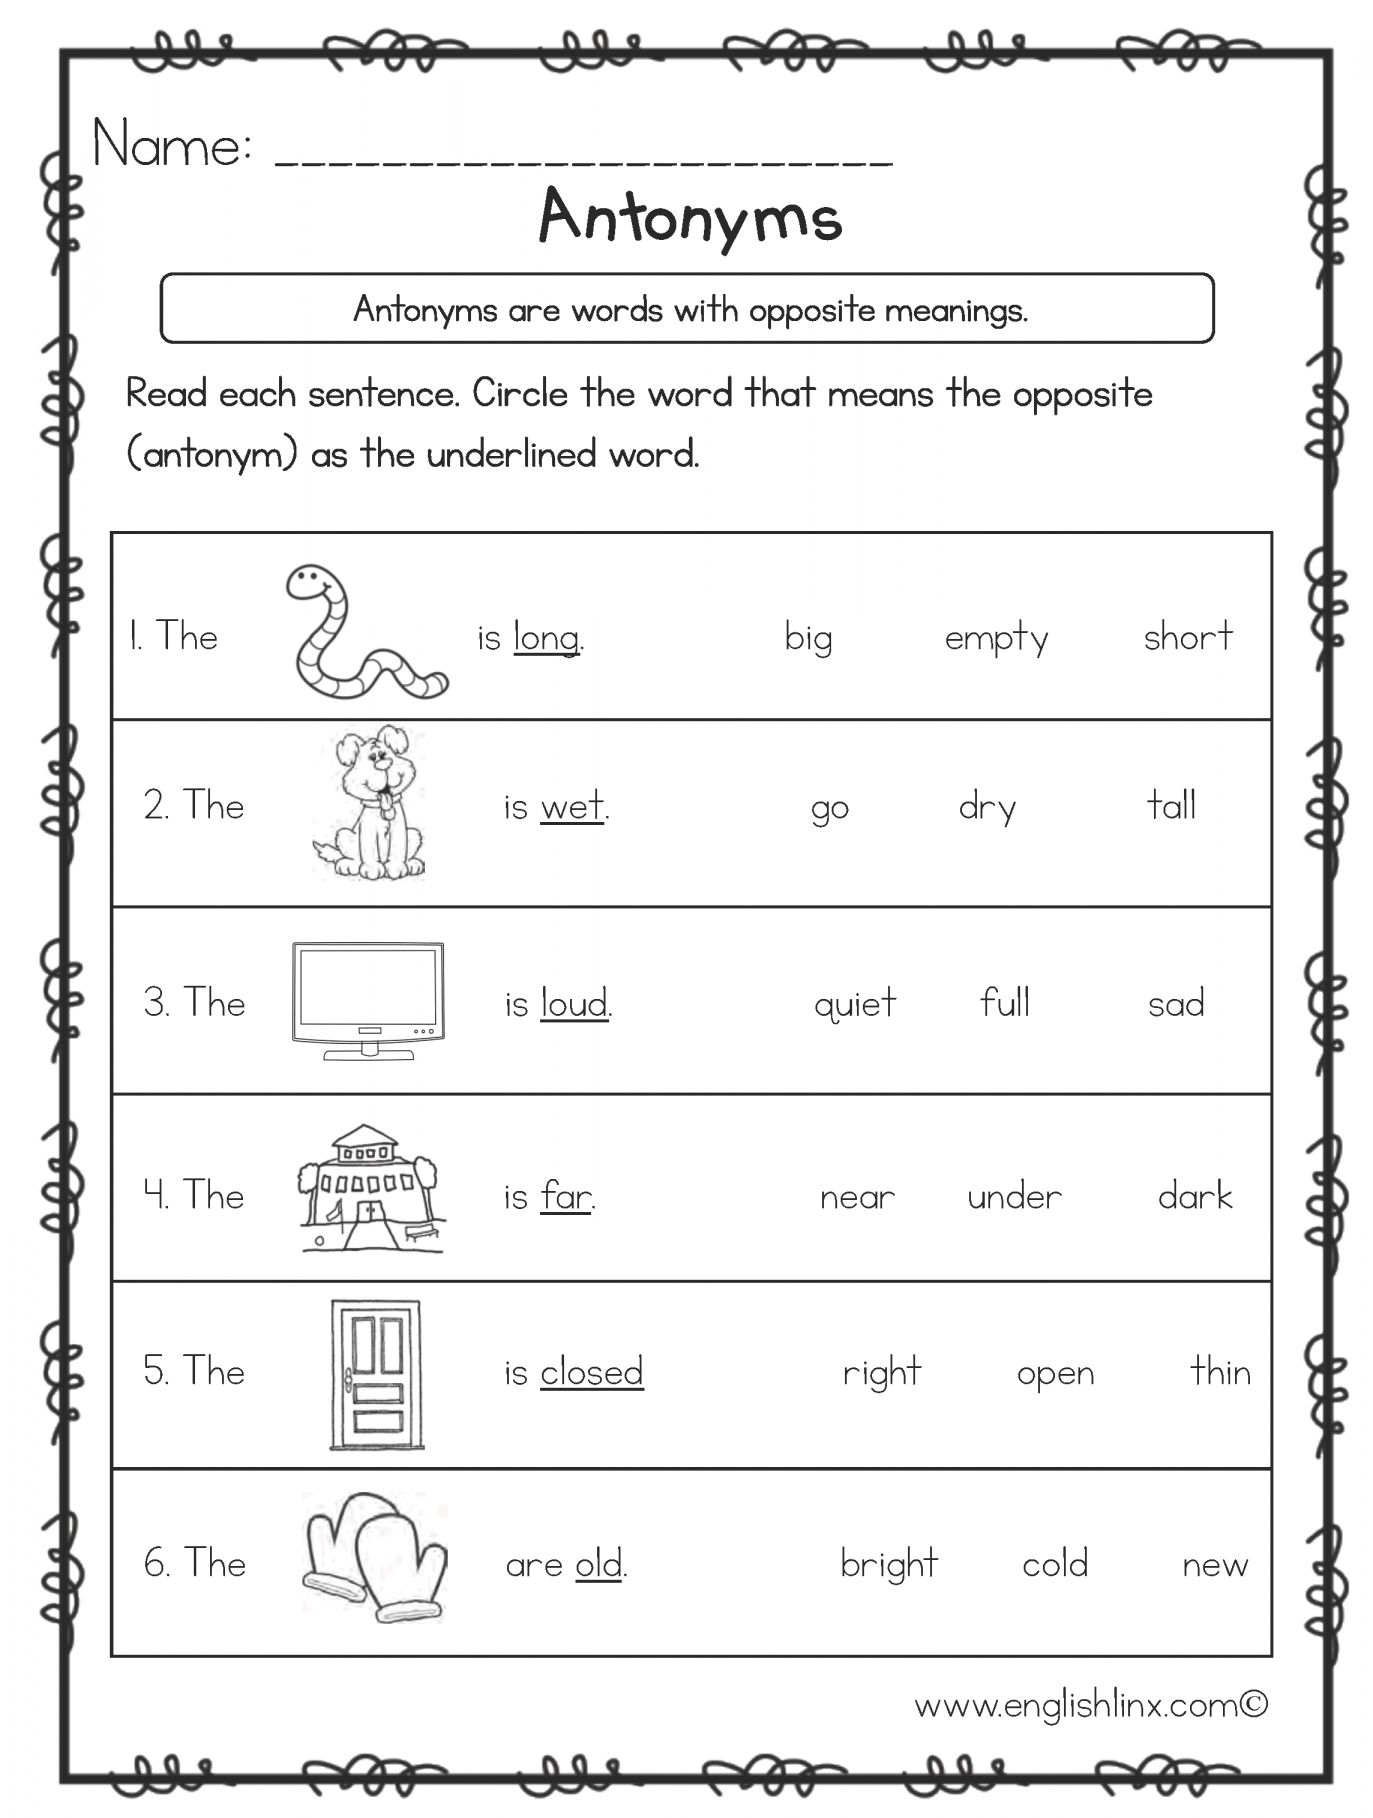 7 Antonyms Worksheet For Kindergarten